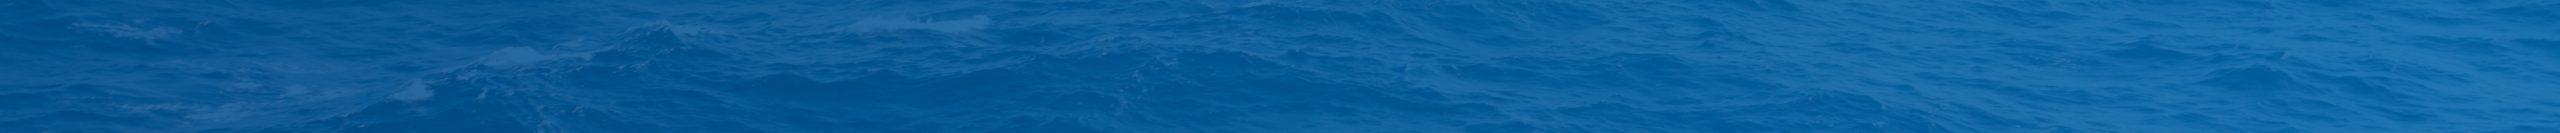 Gimbert Océan naturellement sauvage